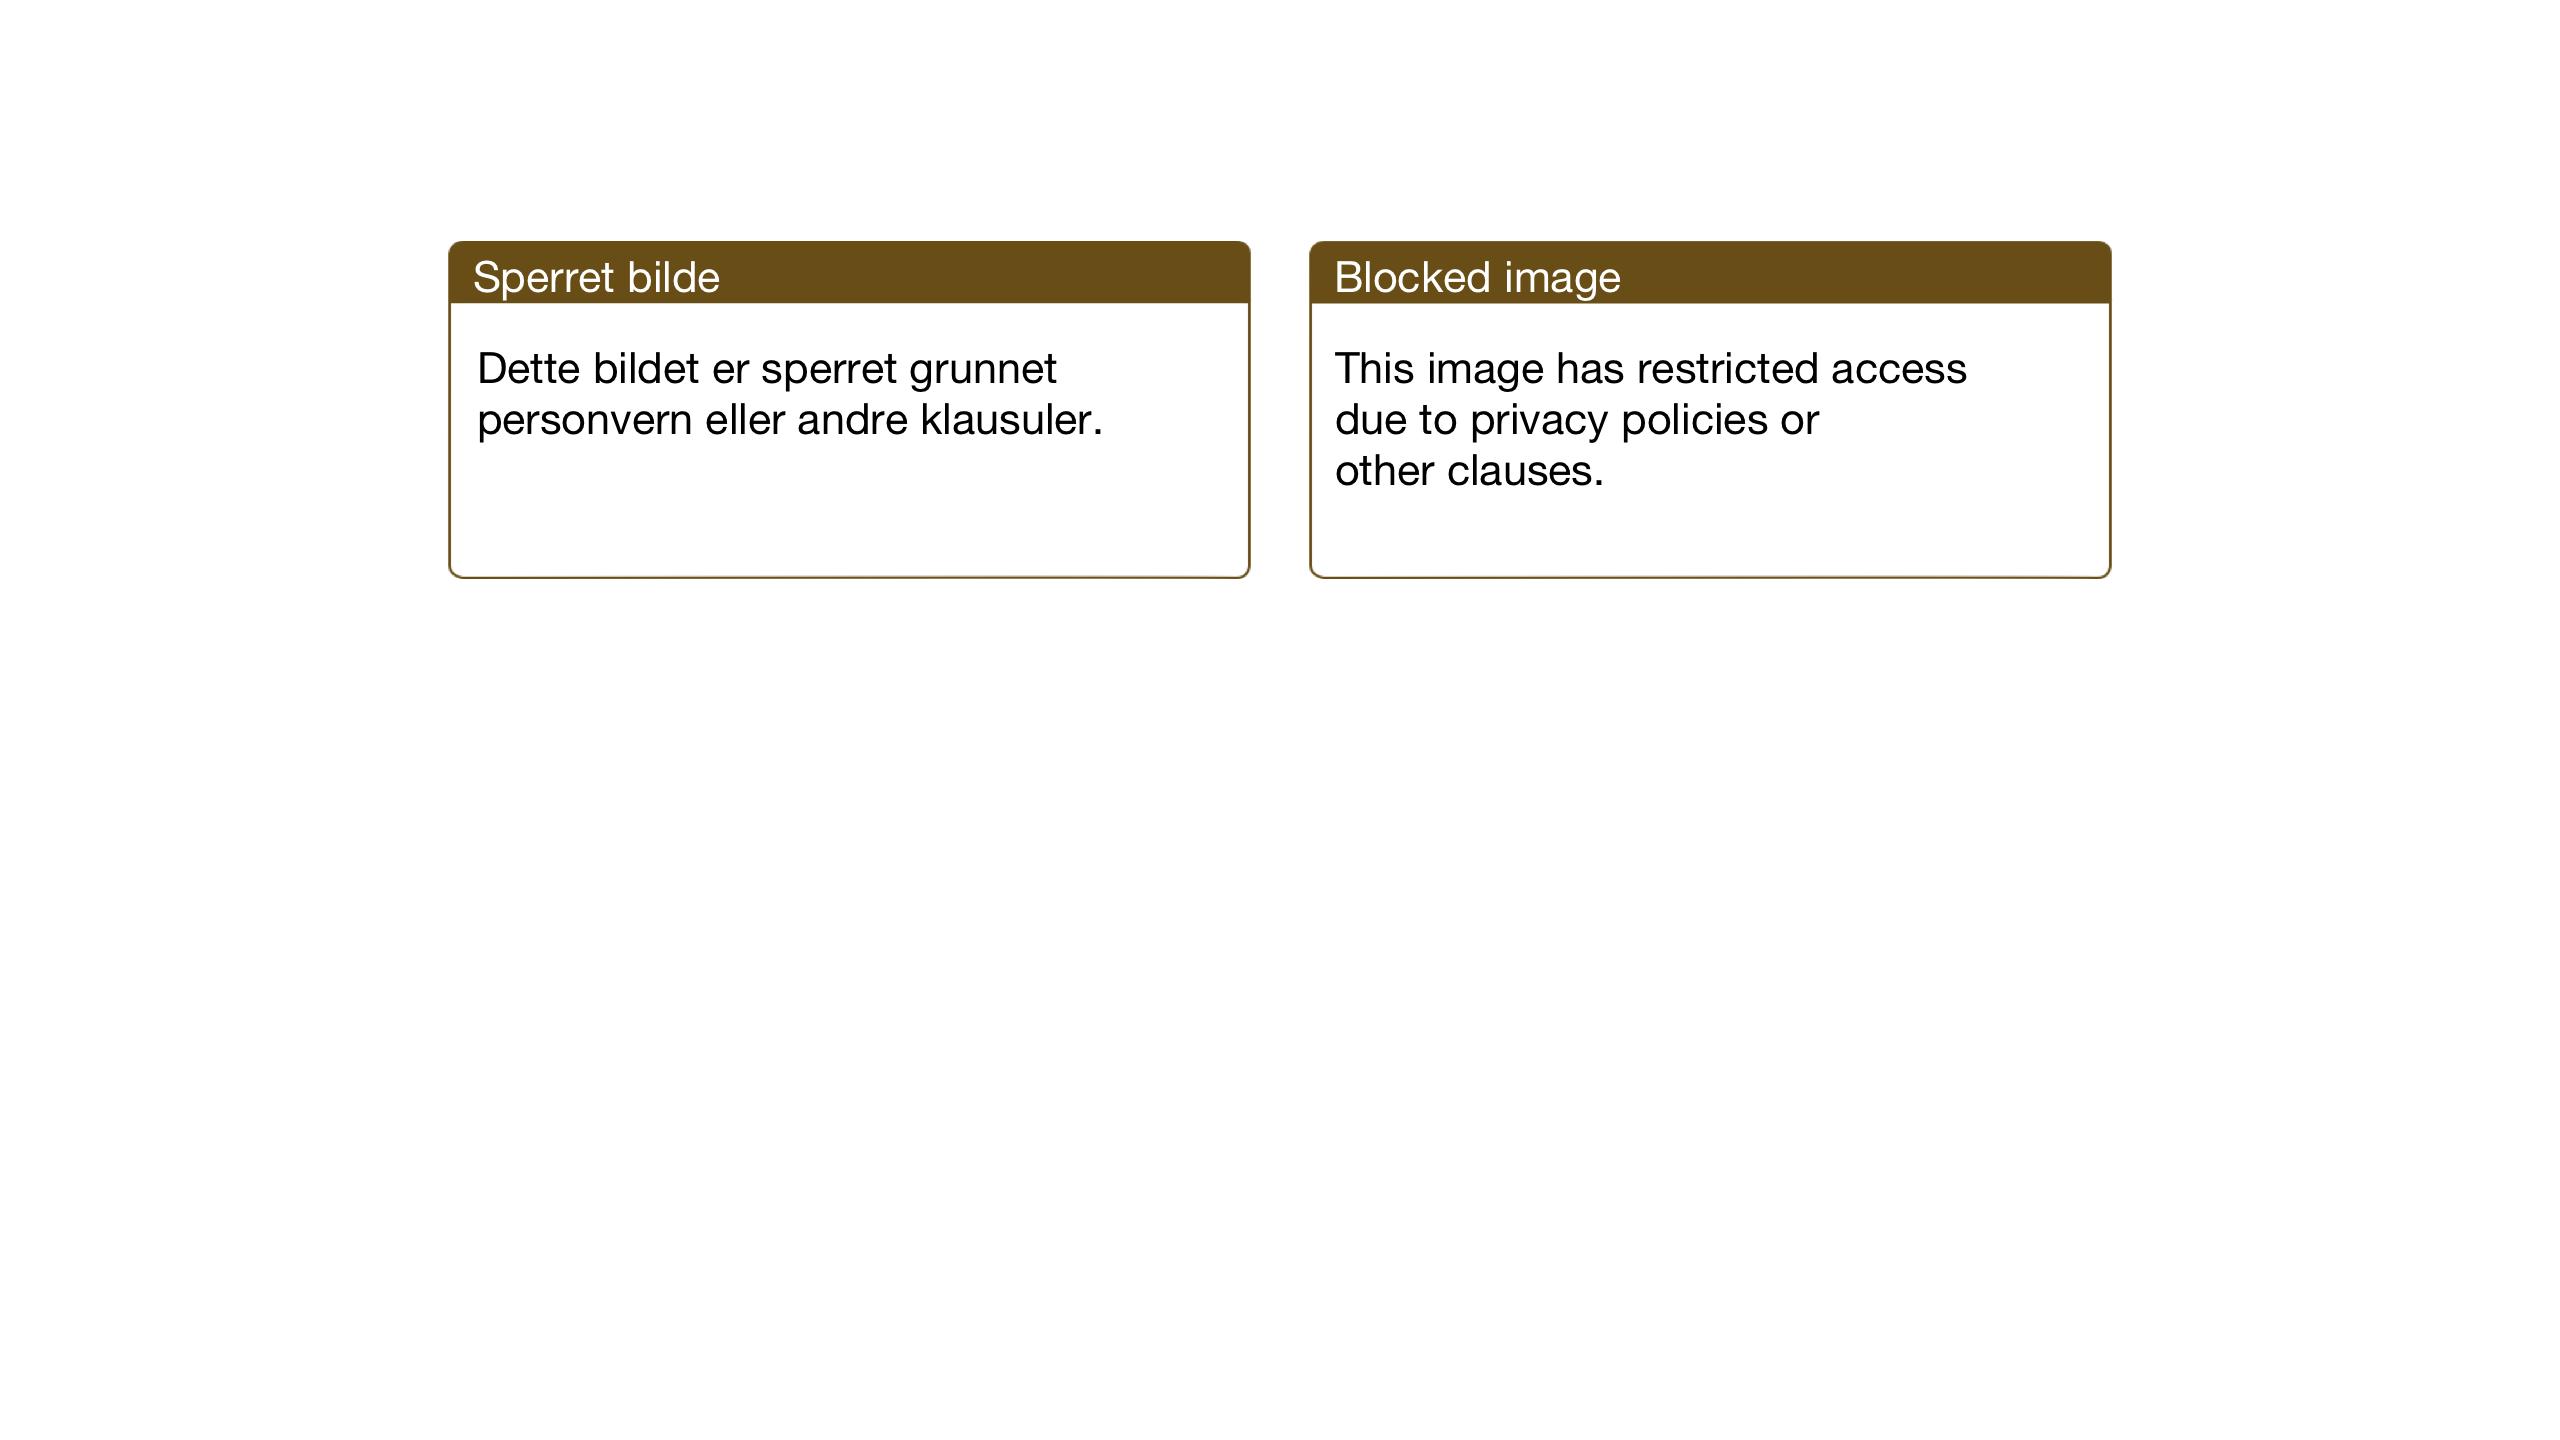 SAT, Ministerialprotokoller, klokkerbøker og fødselsregistre - Nord-Trøndelag, 741/L0403: Ministerialbok nr. 741C04, 1925-1944, s. 54